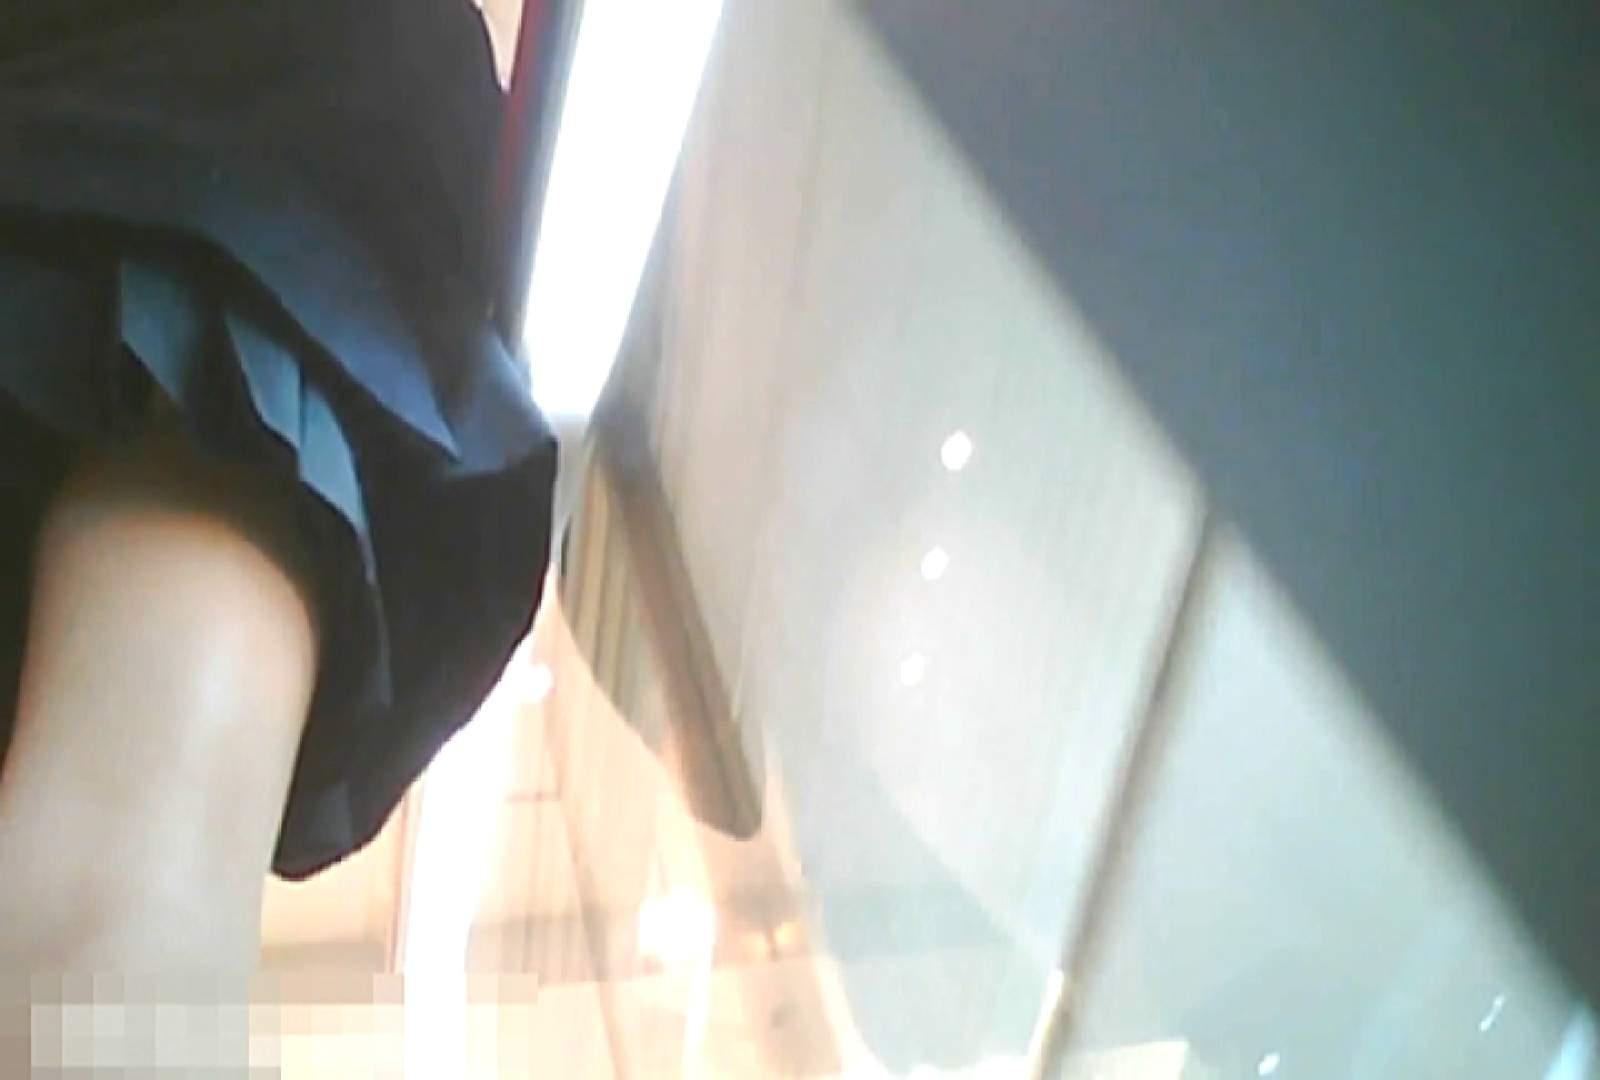 「チキン男」さんの制服ウォッチングVol.7 0   0  63画像 38